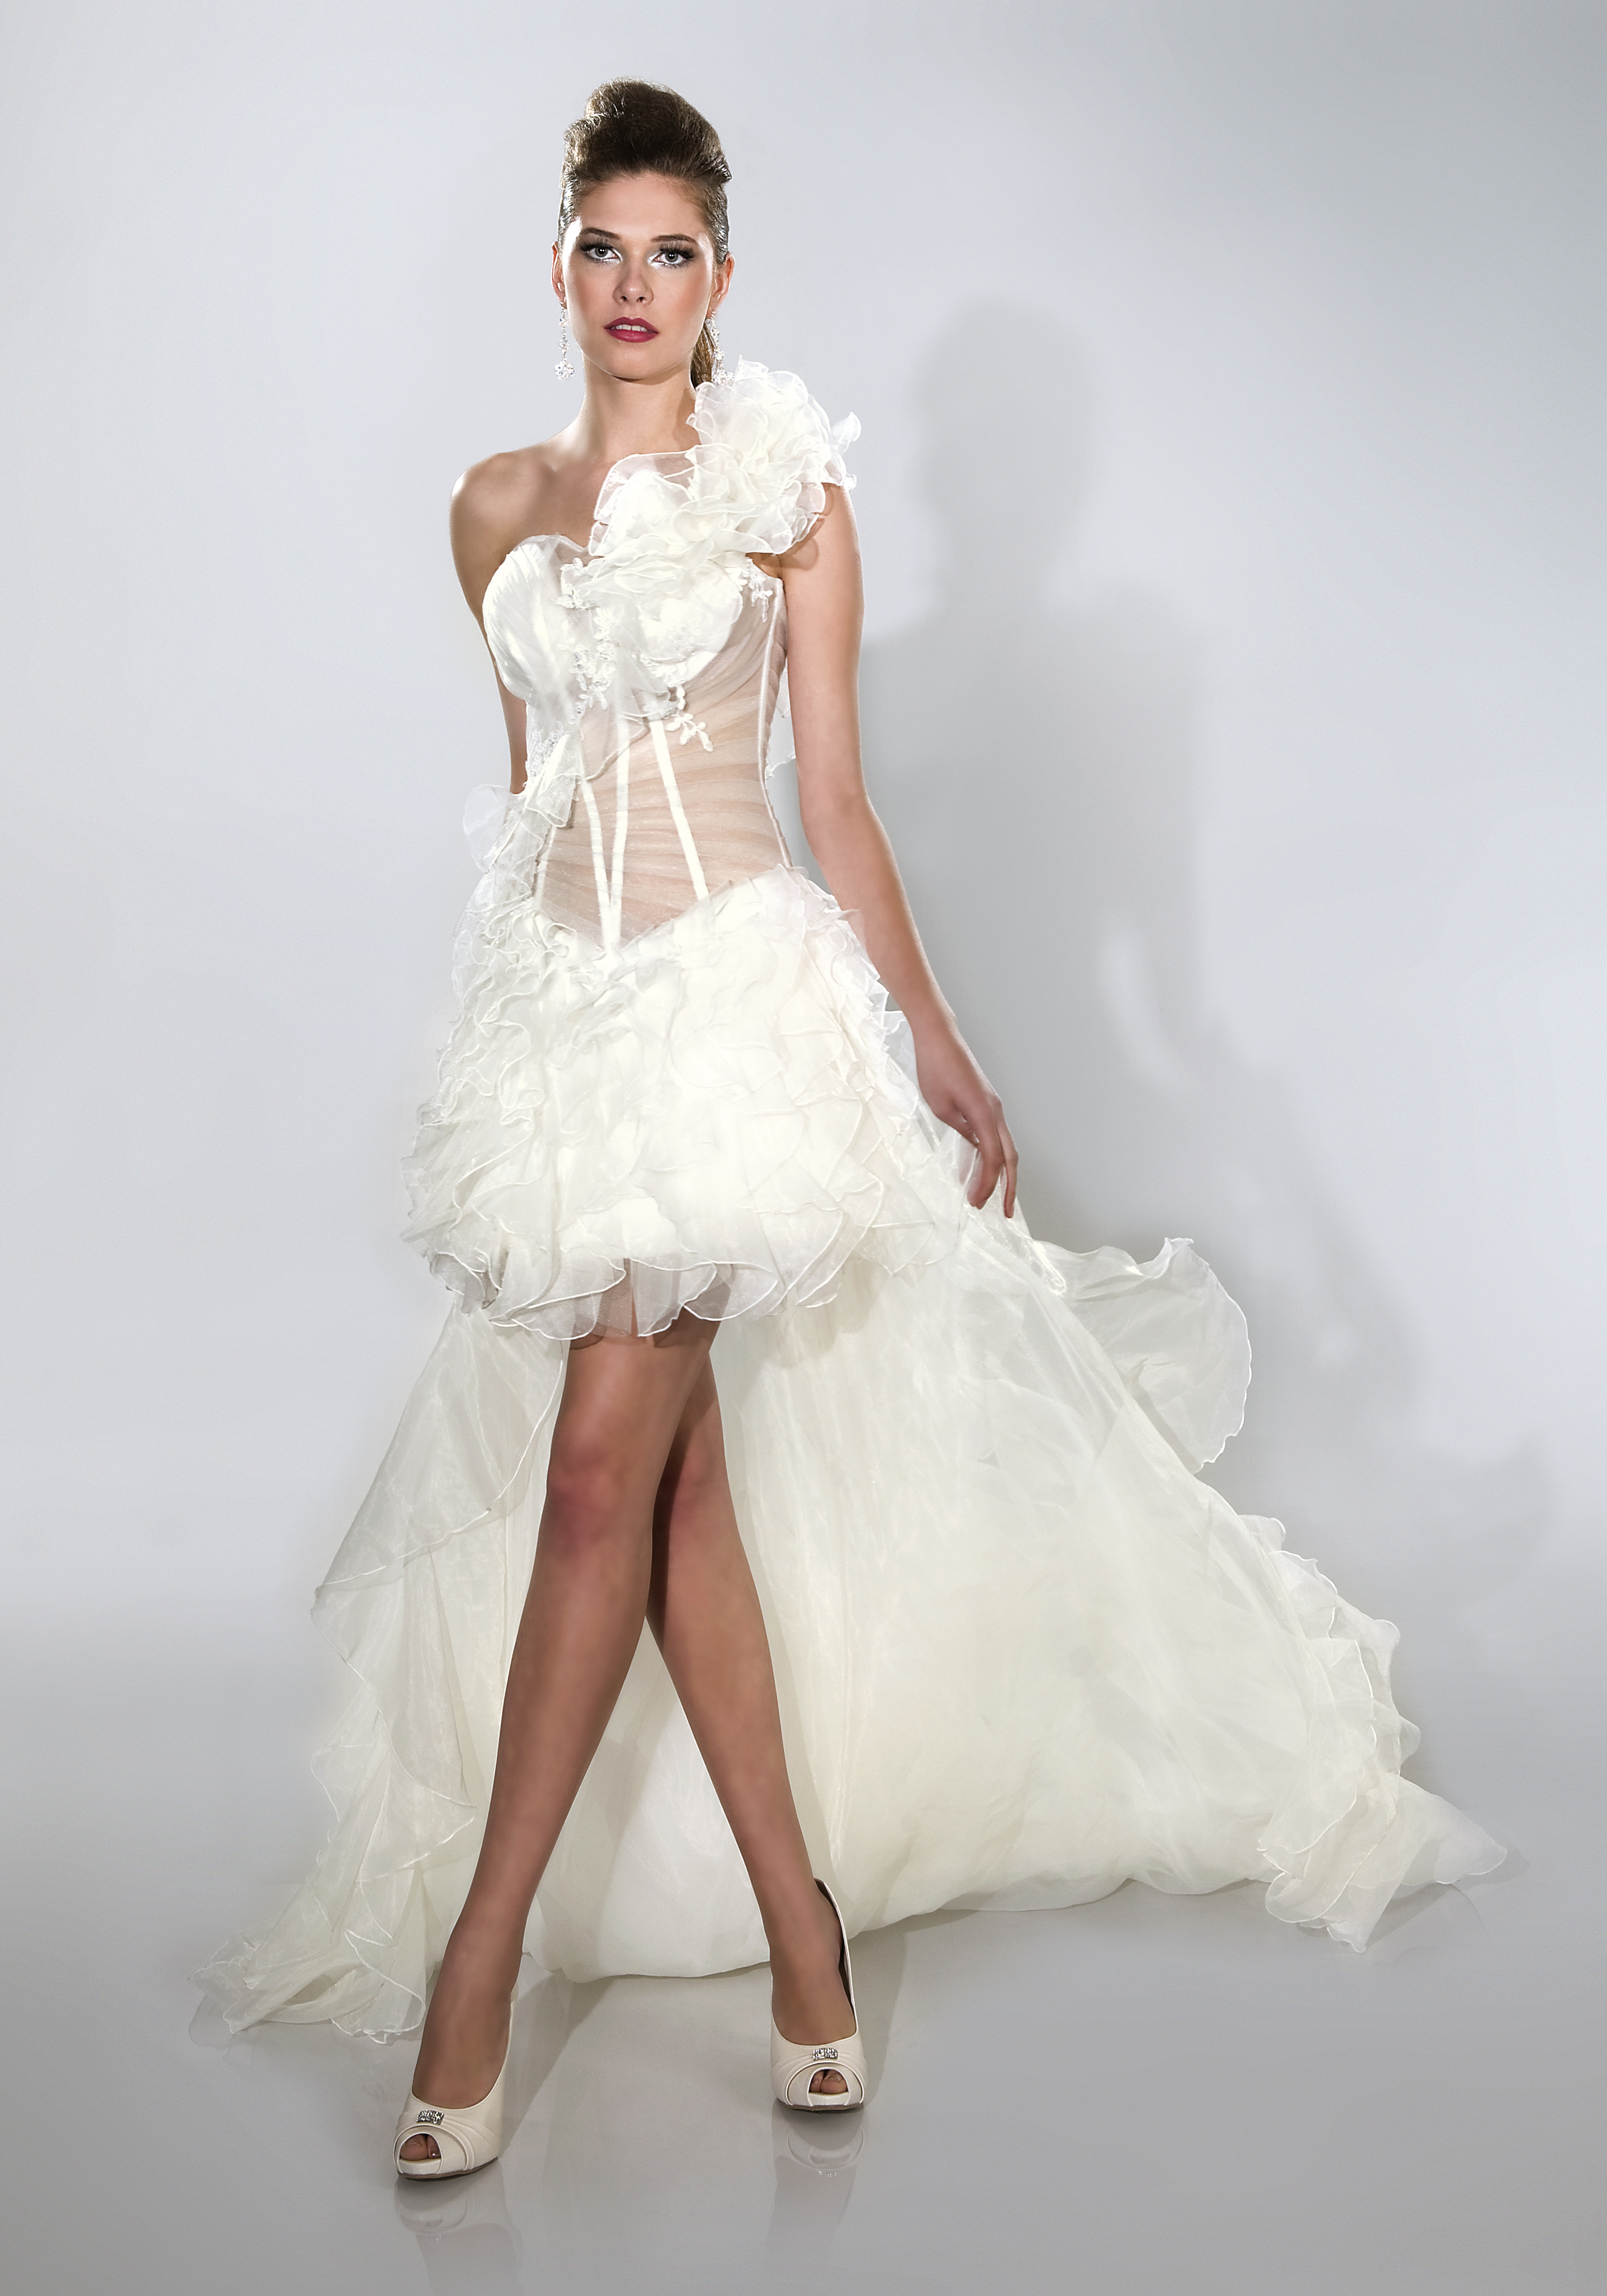 Kleiderfreuden, Brautmode online bestellen - Wandelbares